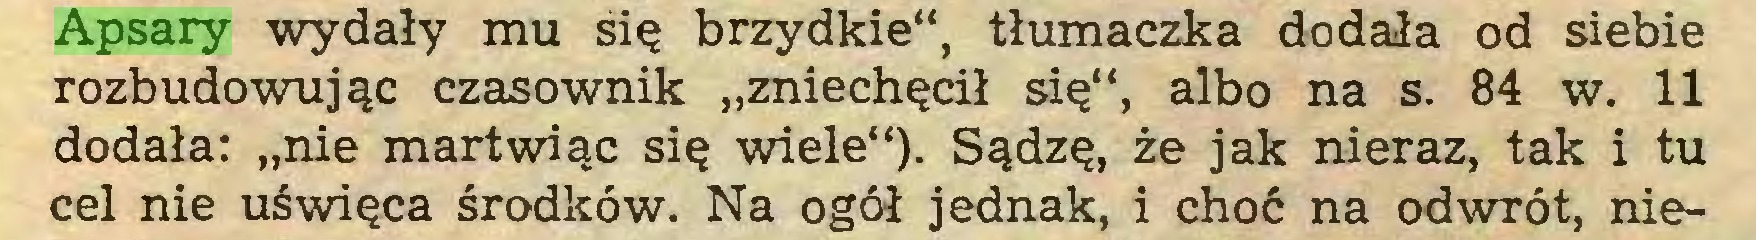 """(...) Apsary wydały mu śię brzydkie"""", tłumaczka dodała od siebie rozbudowując czasownik """"zniechęcił się"""", albo na s. 84 w. 11 dodała: """"nie martwiąc się wiele""""). Sądzę, że jak nieraz, tak i tu cel nie uświęca środków. Na ogół jednak, i choć na odwrót, nie..."""